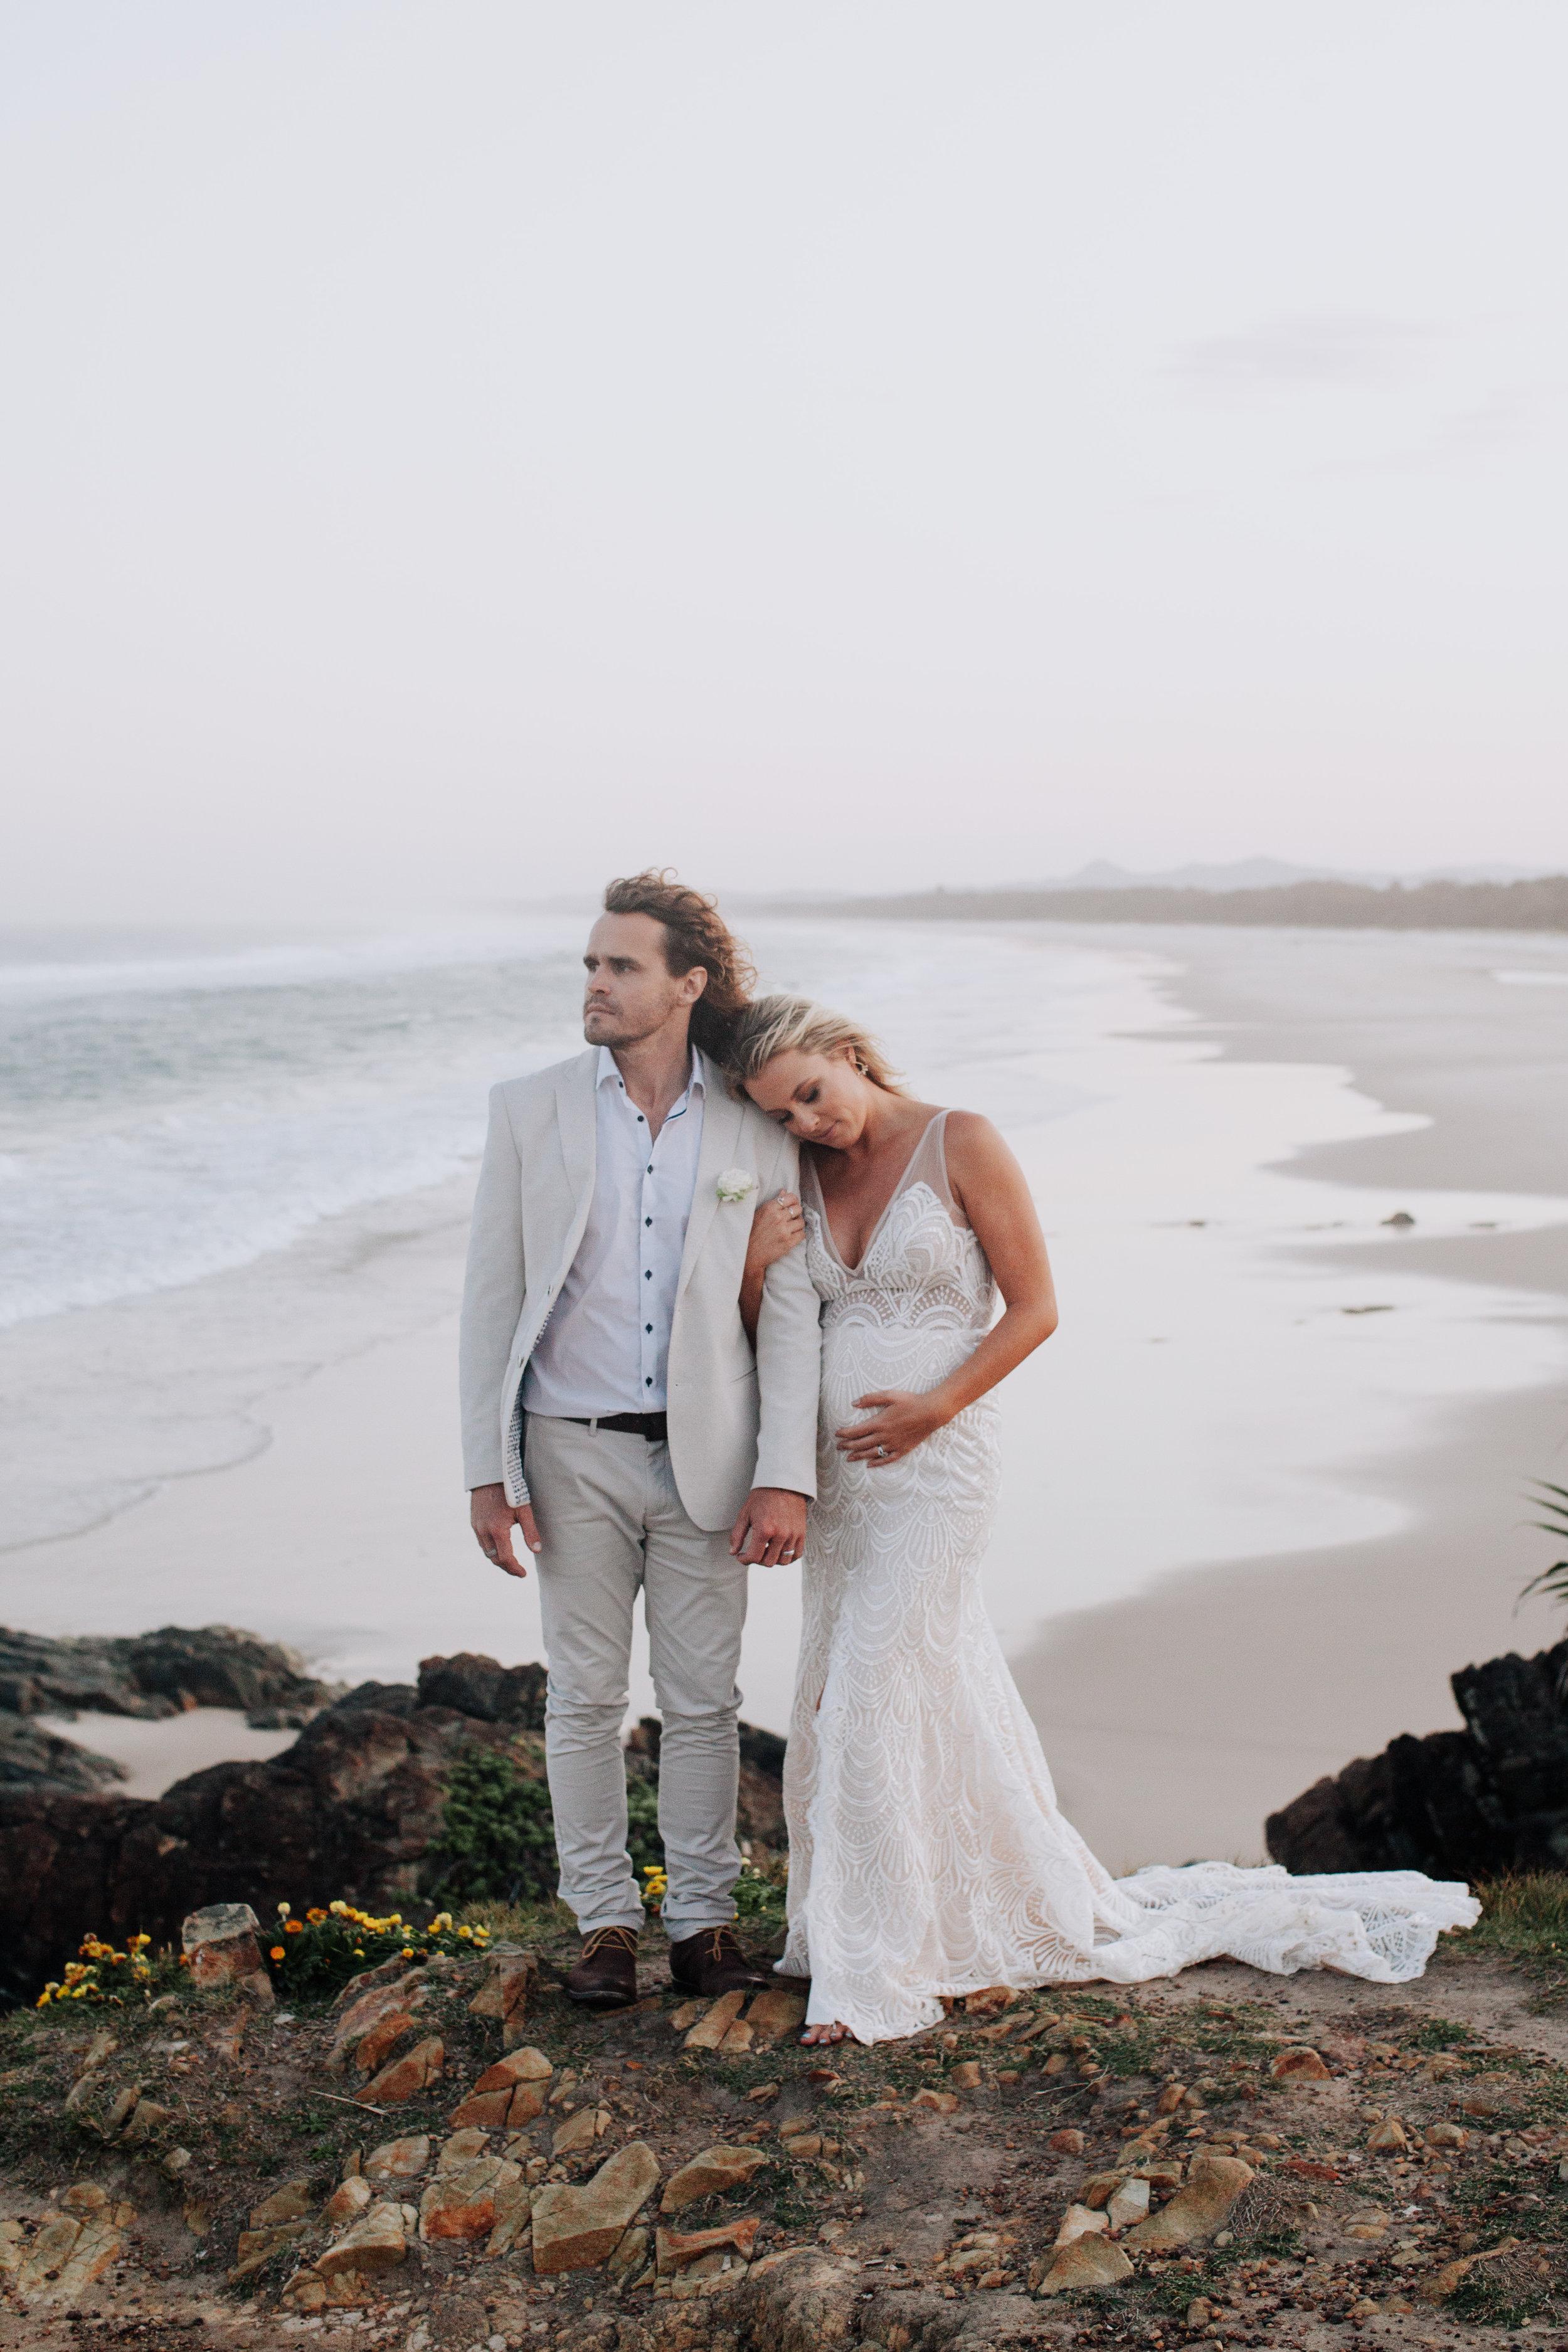 NATALIE & JOEL - Hastings Point, NSW